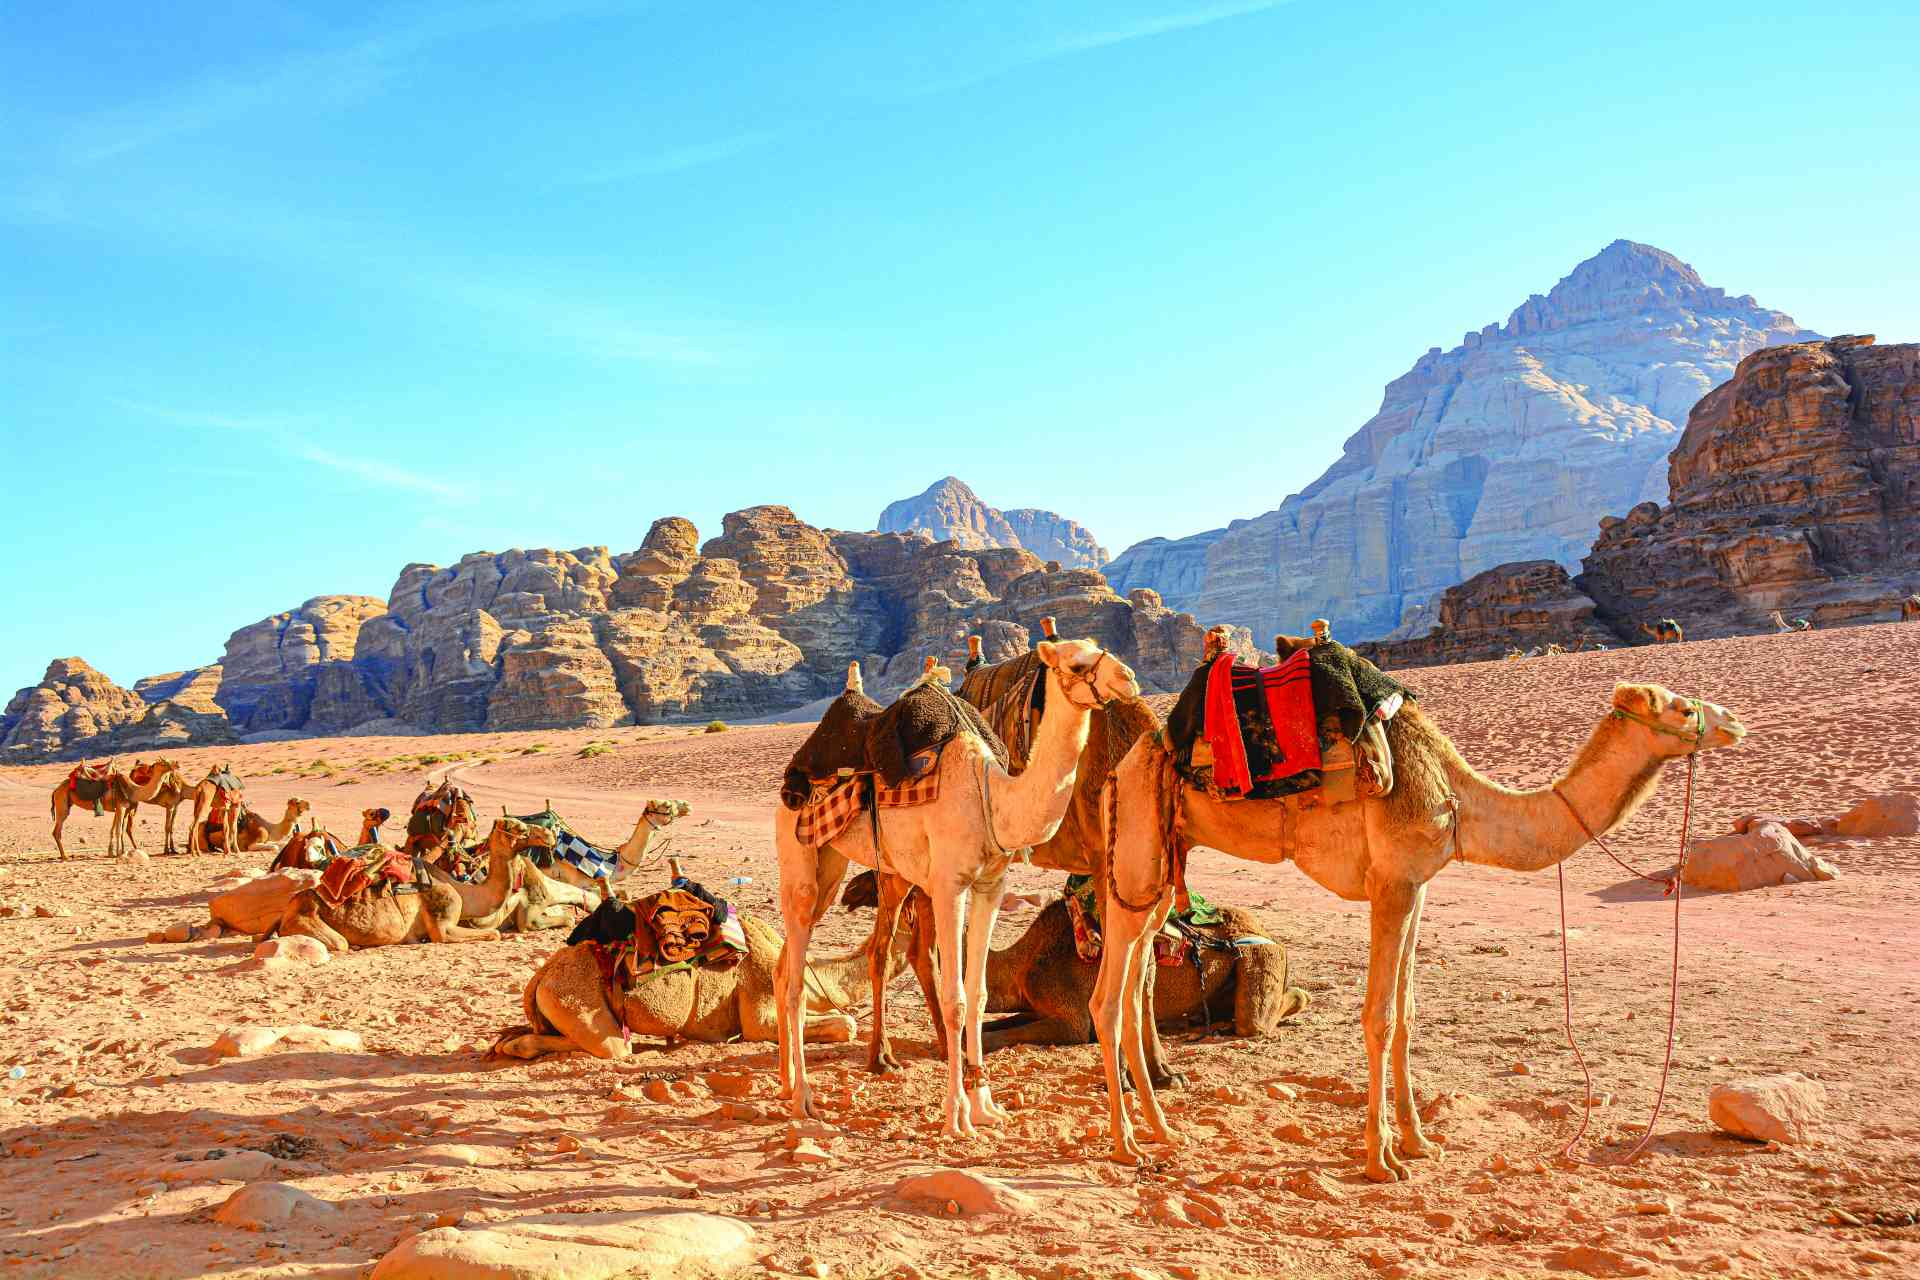 Wadi Rum, Jordan by Pamela Frisari